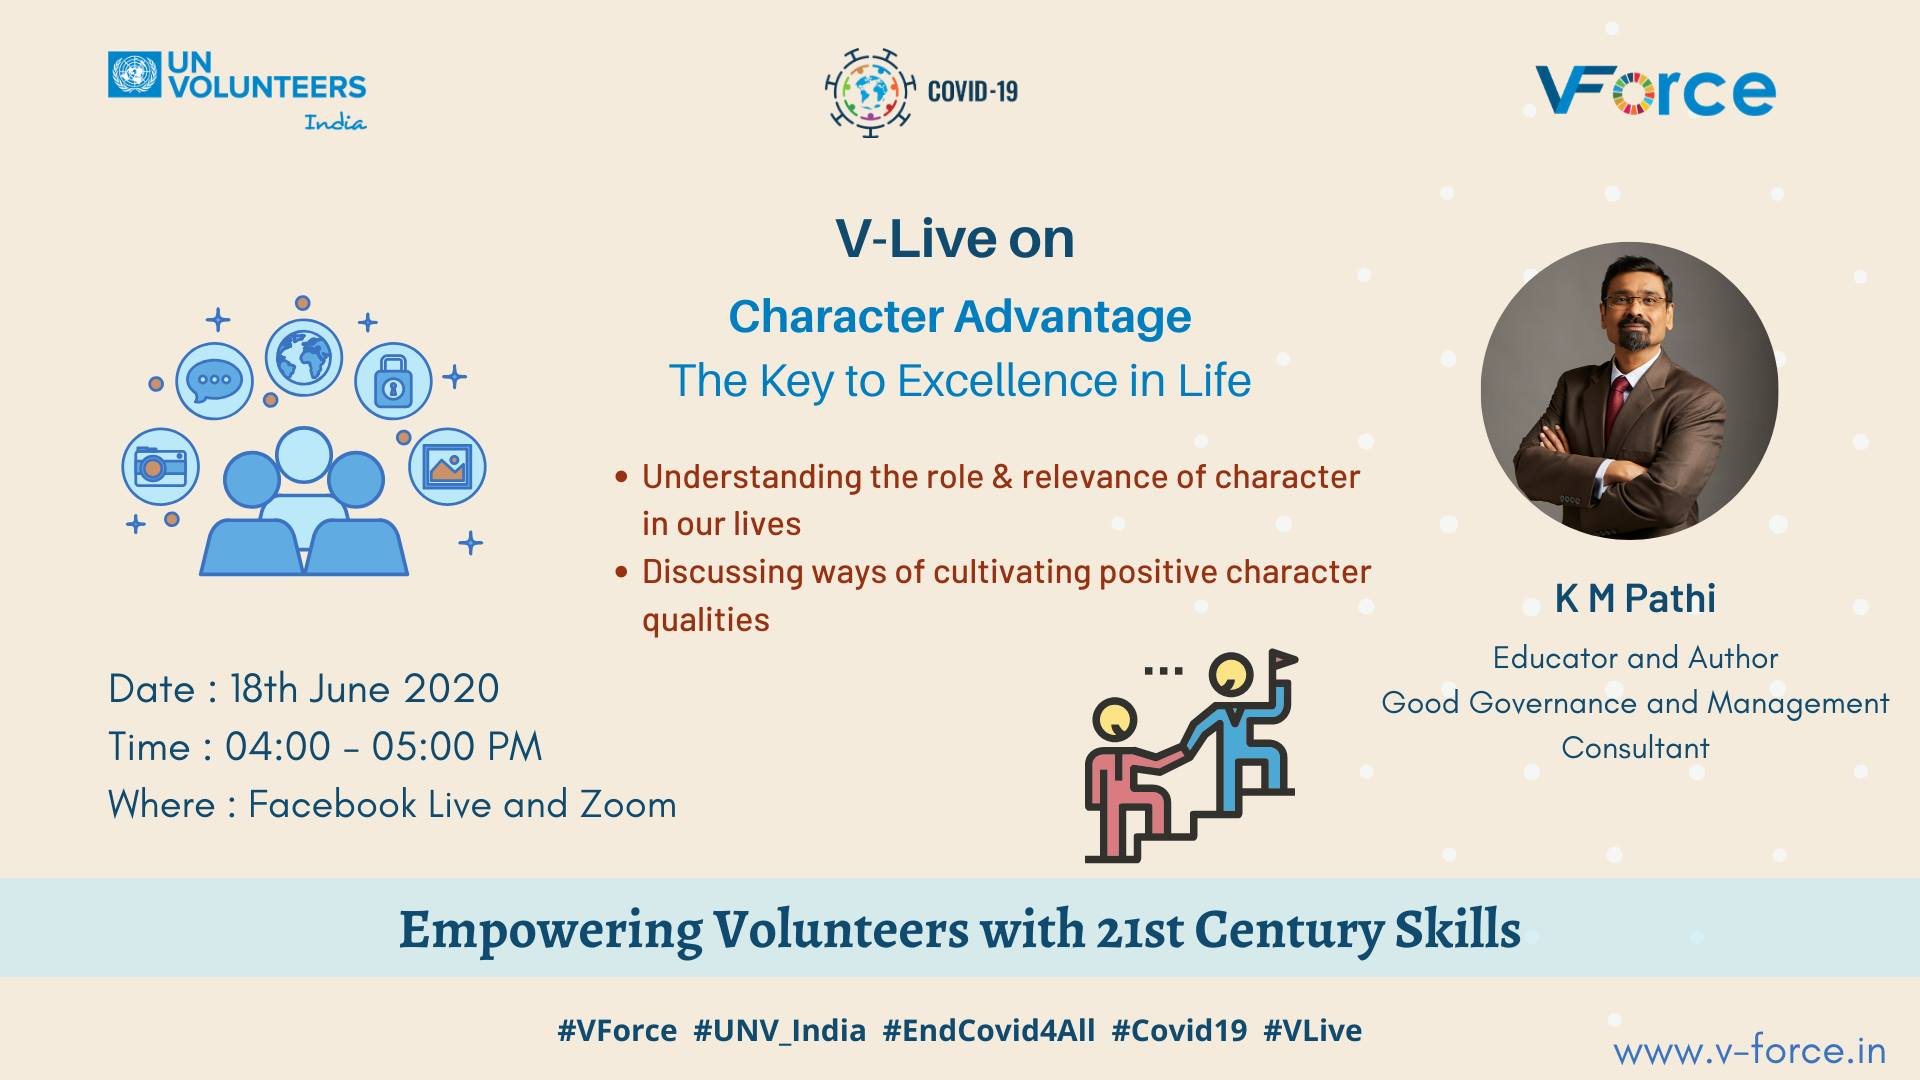 KM Pathi - 21st Century Skills